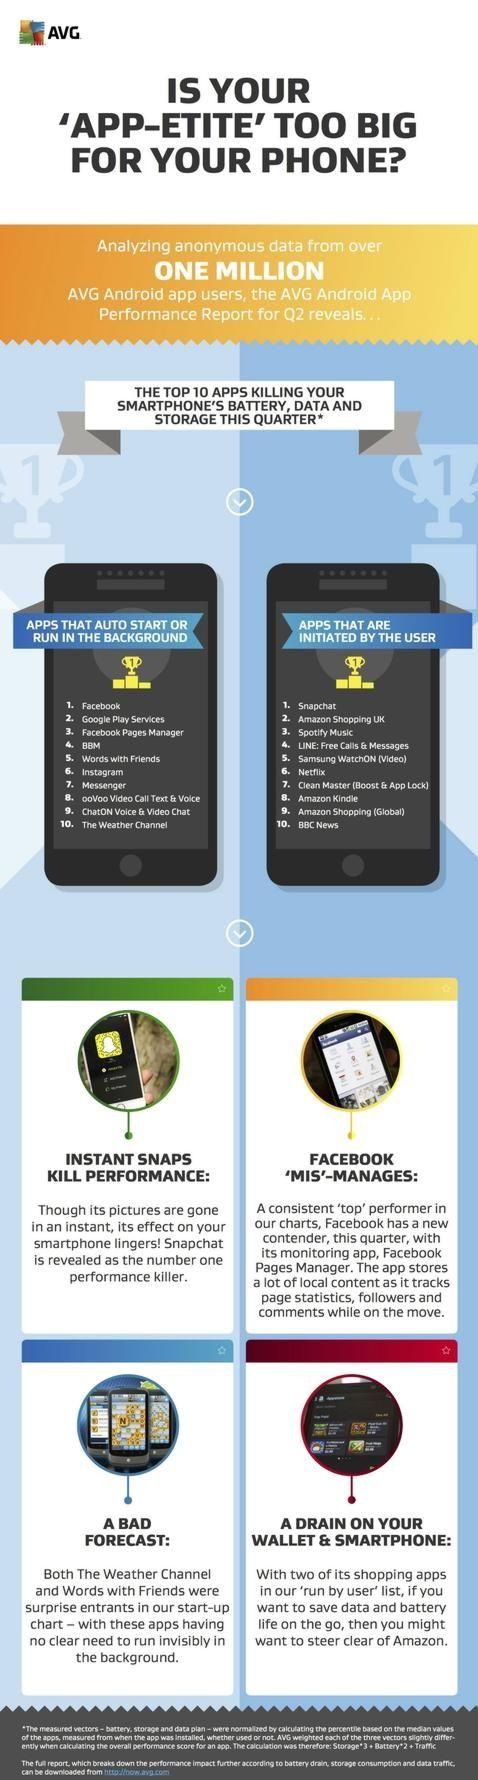 Android las diez aplicaciones que m s bater a consumen m s espacio ocupan y m s datos